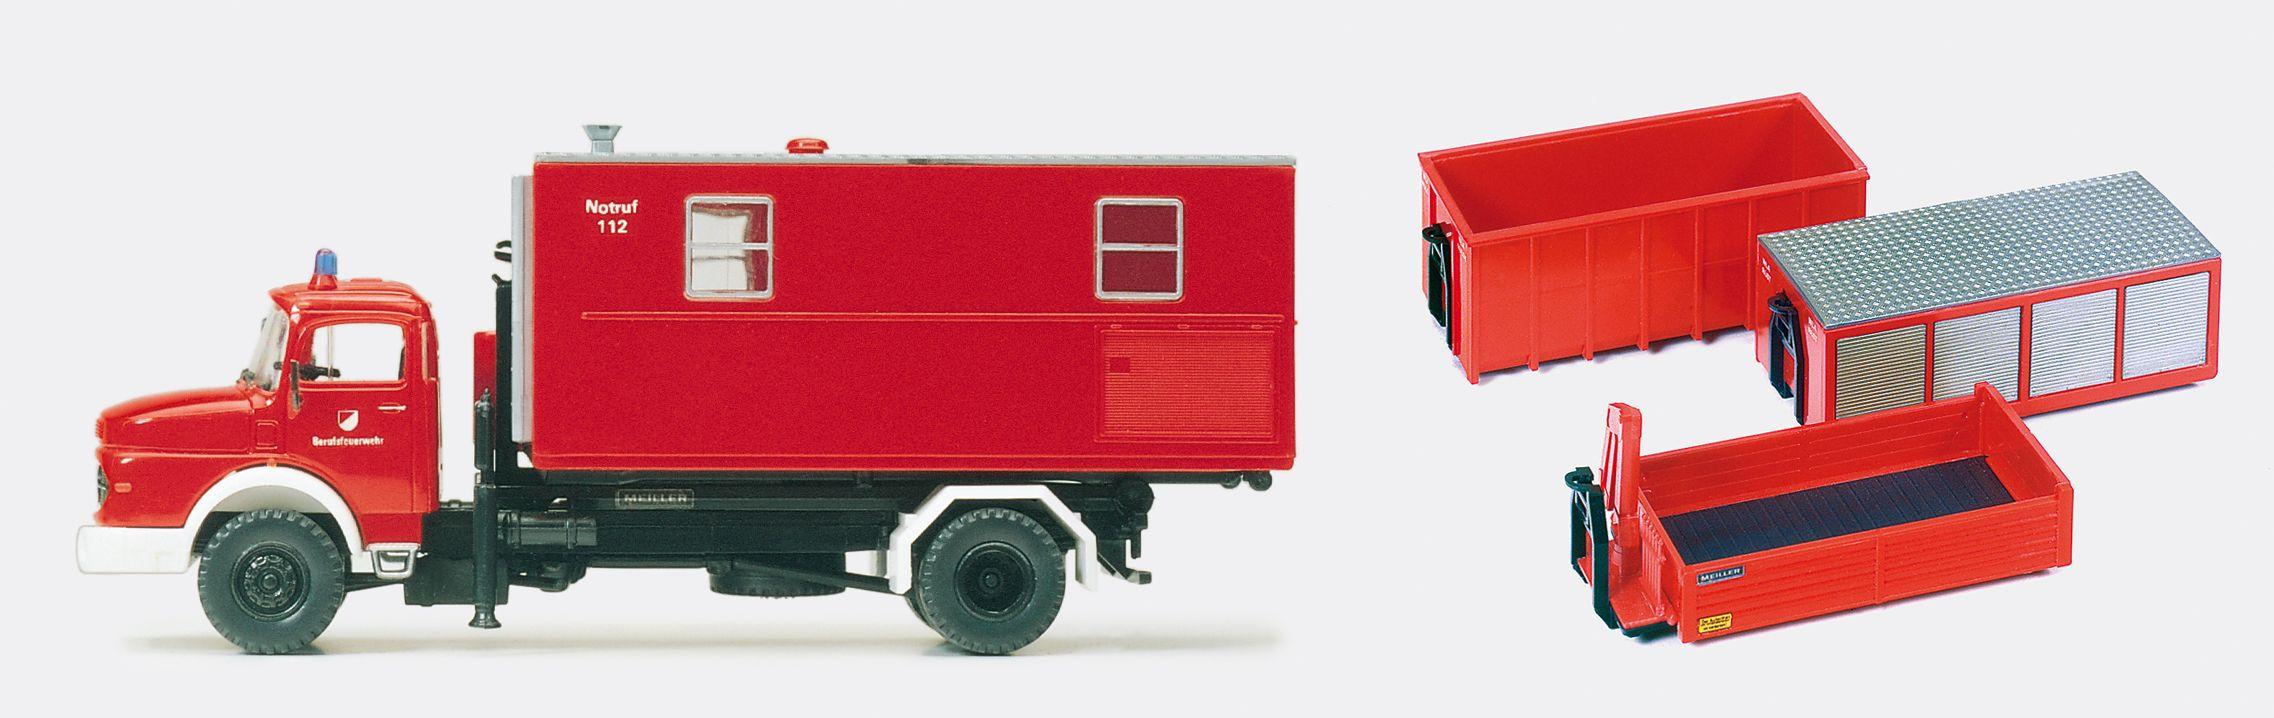 1:87 Feuerwehr Wechselaufbaufahrzeug WAF MB LA 1924,Abrollkipper Meiler 4 Container, Bausatz - Preiser 31116  | günstig bestellen bei Modelleisenbahn Center  MCS Vertriebs GmbH